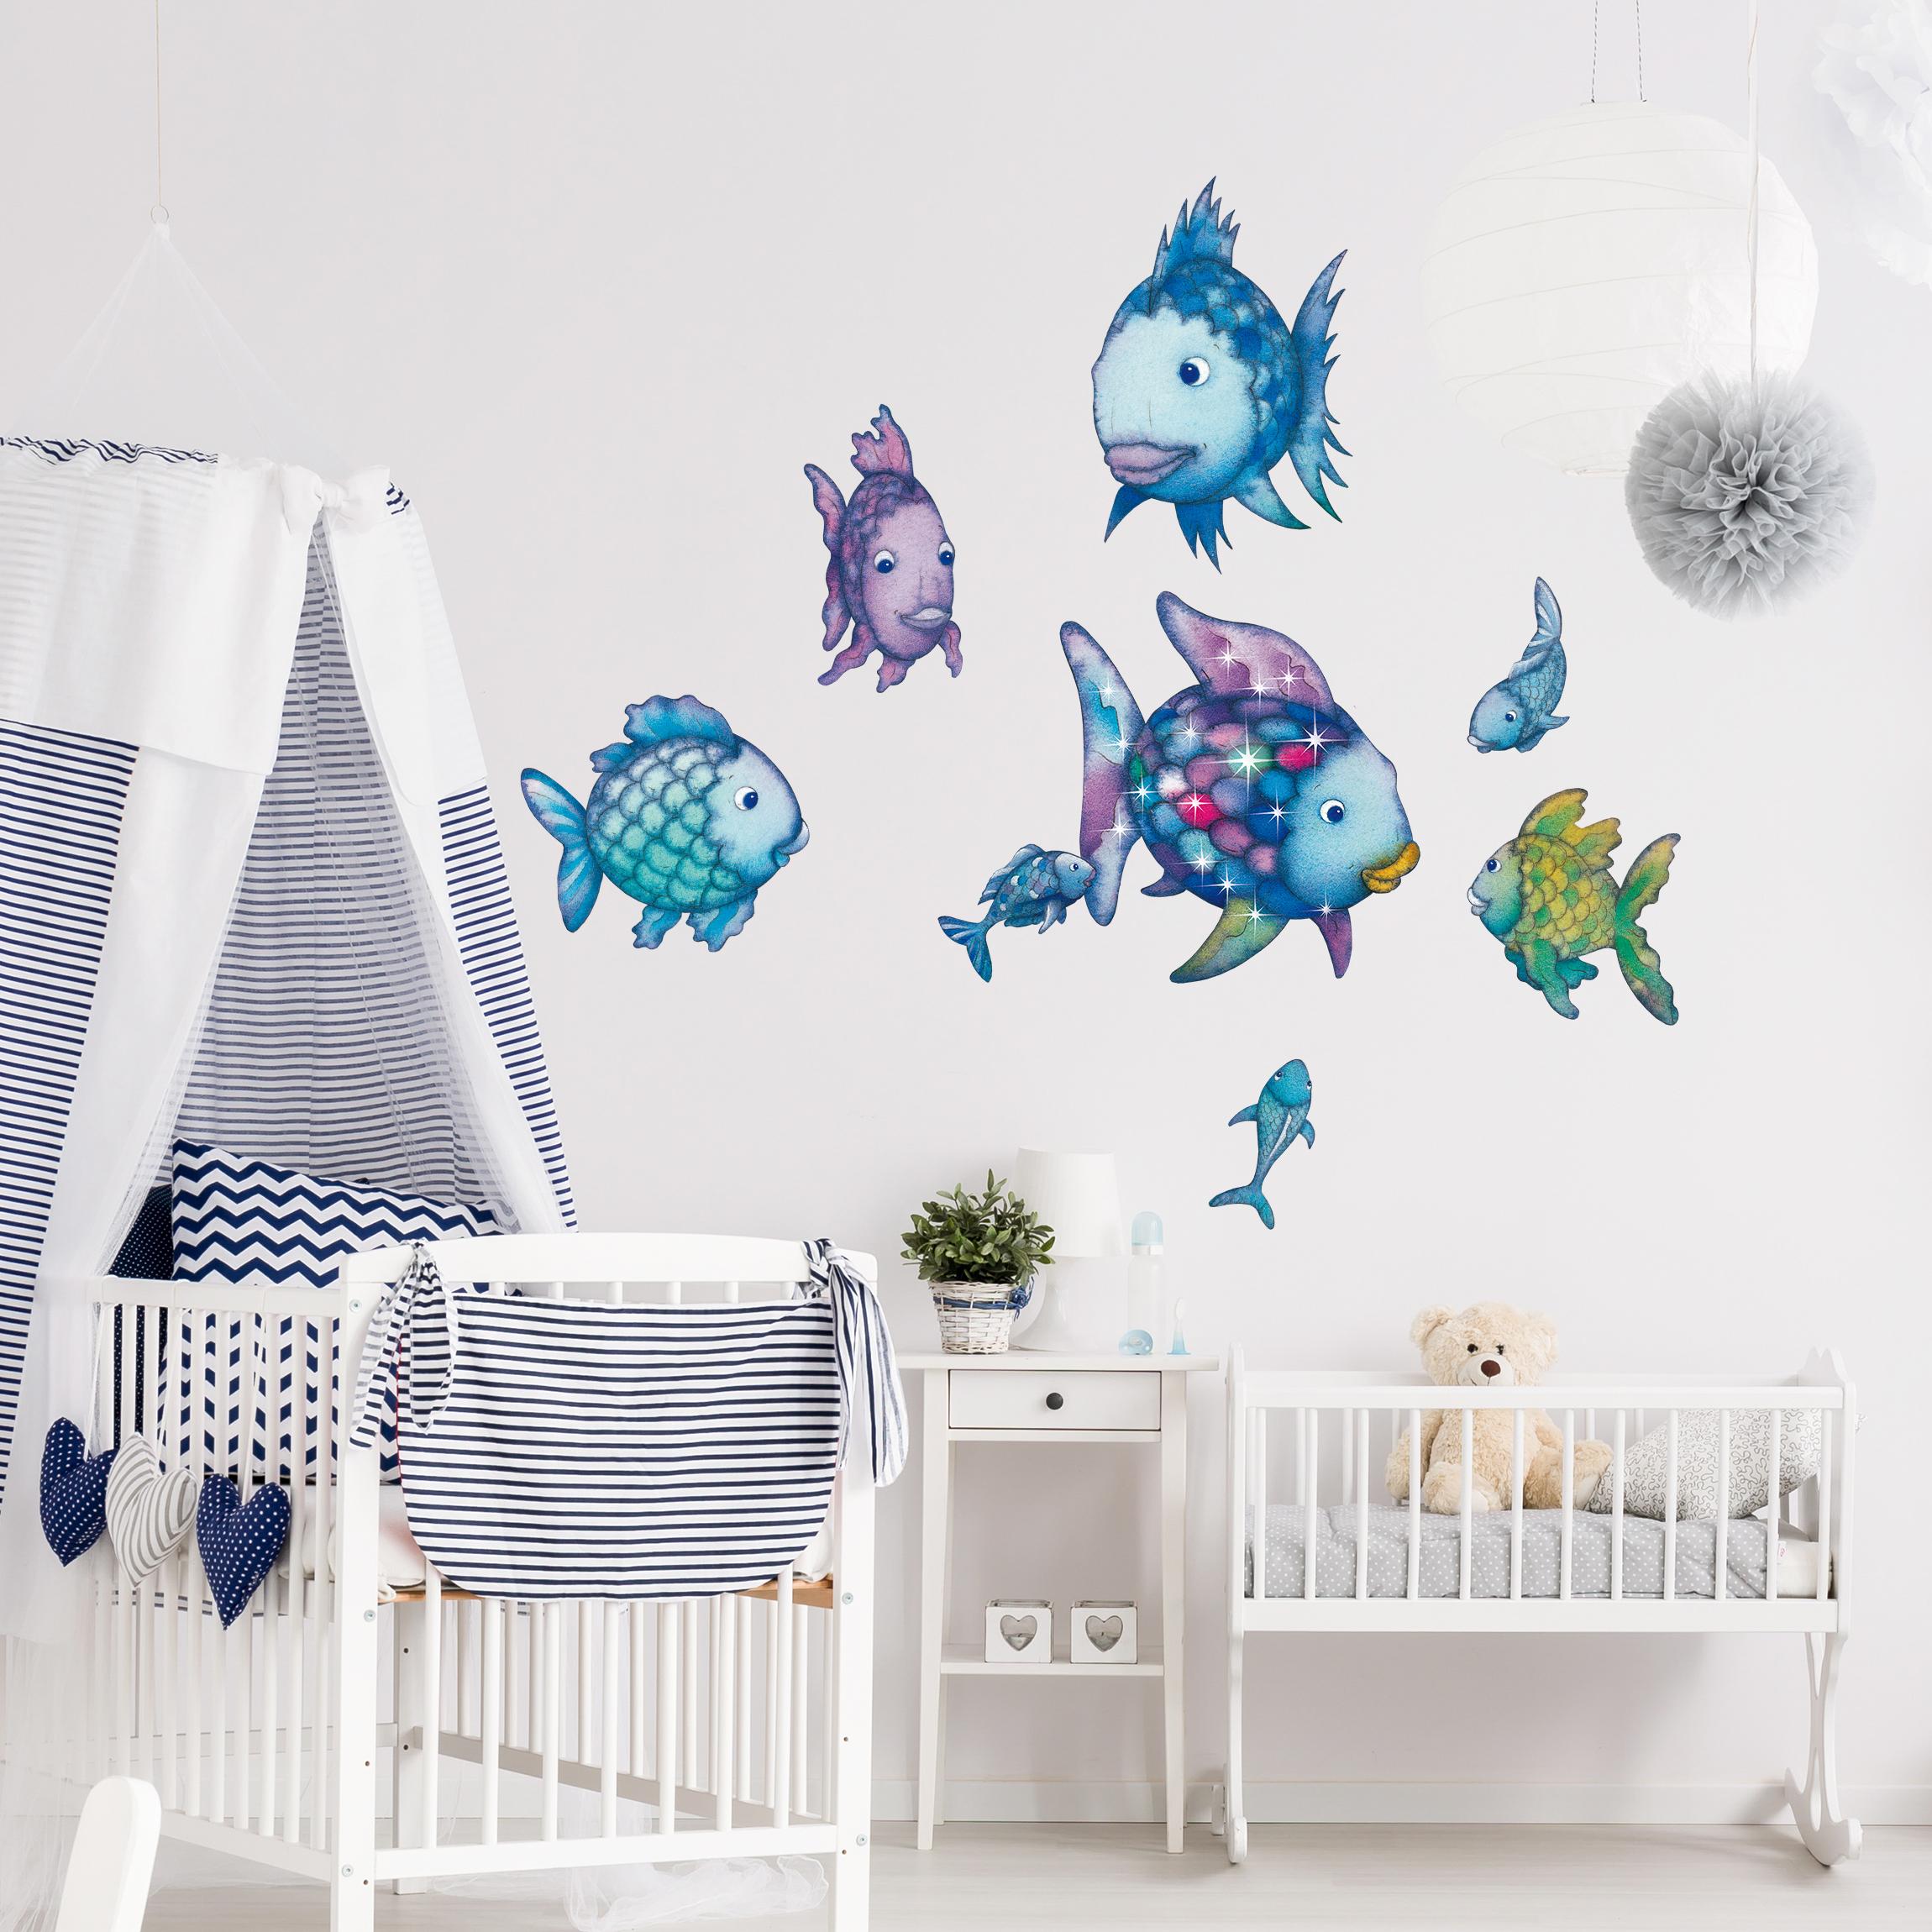 Verzauberkunst Günstige Wandtattoos Galerie Von Wandtattoo Kinderzimmer Der Regenbogenfisch - Unterwasserparadies Sticker